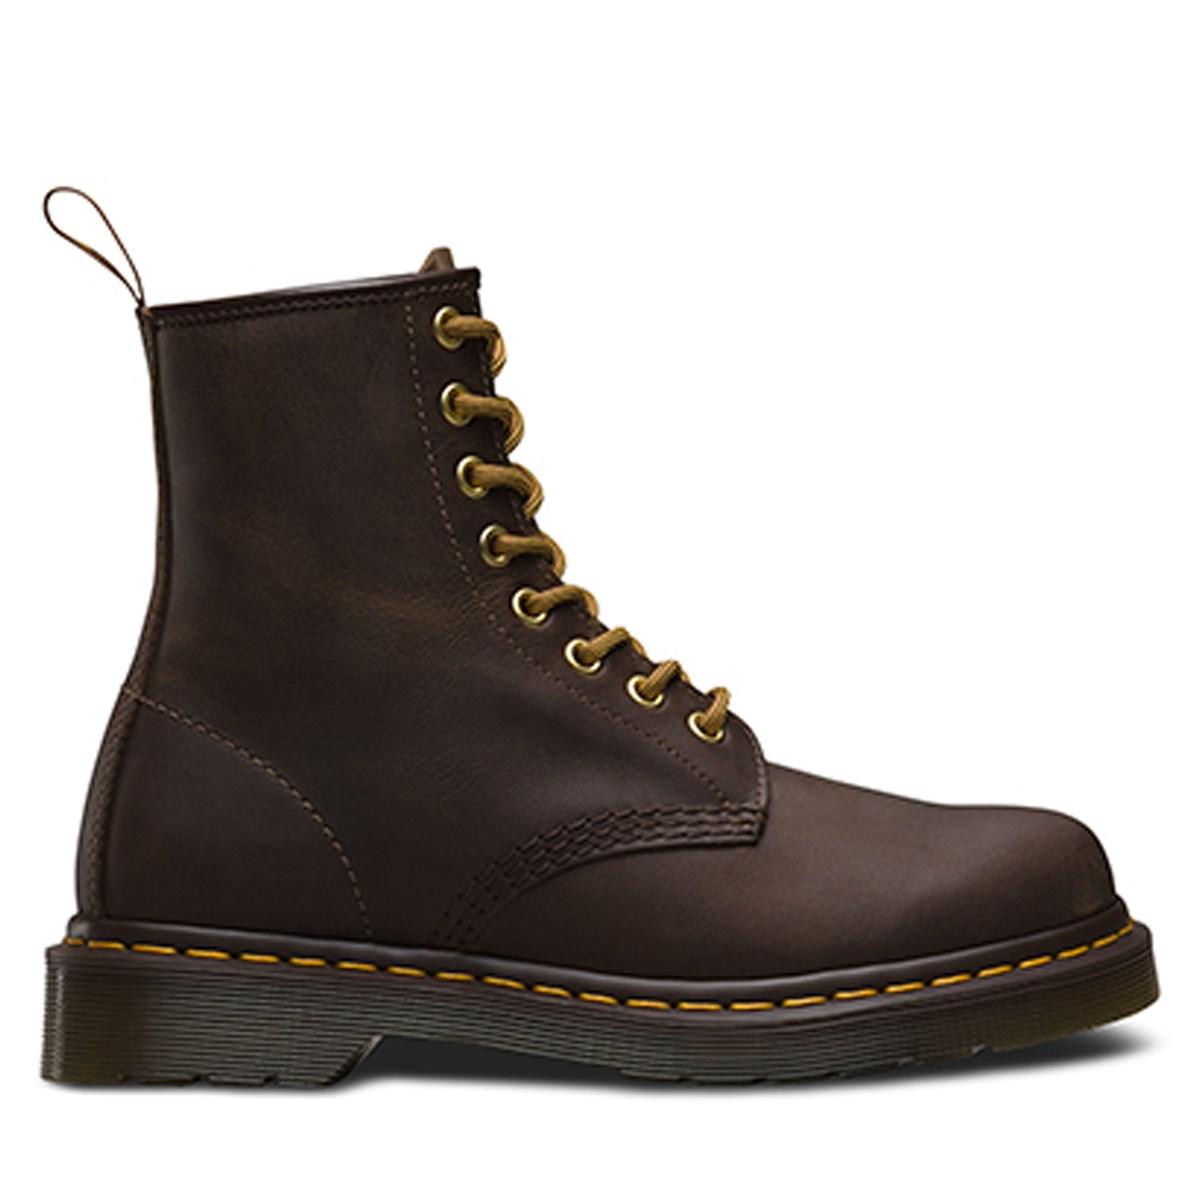 Men's 1460 Aztec Crazy Horse Brown Boot